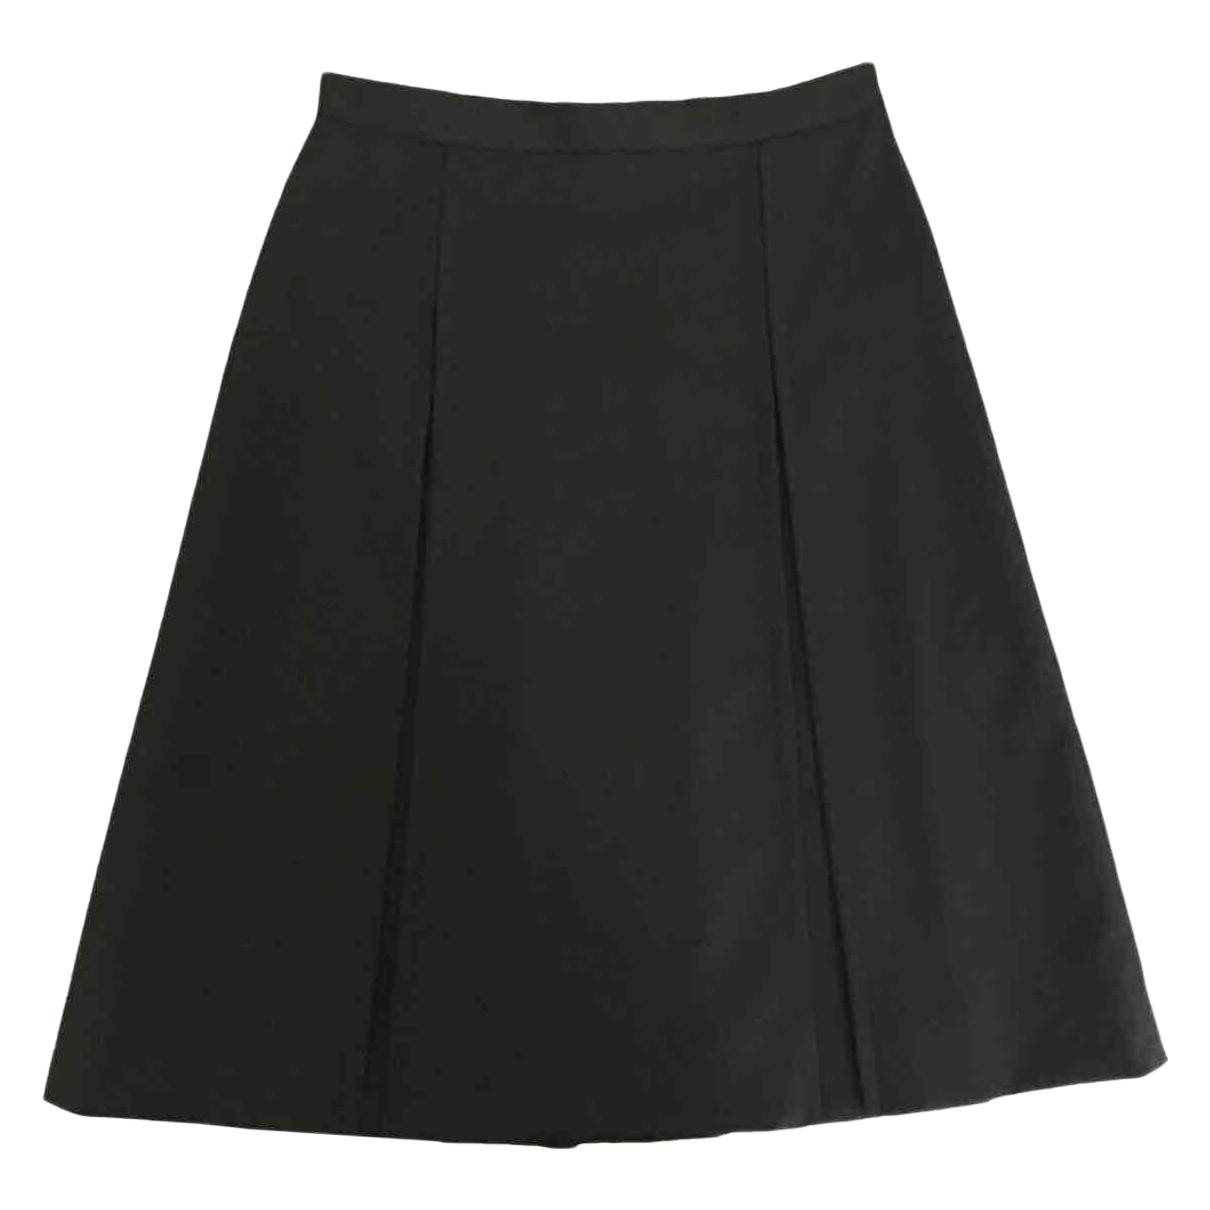 Celine \N Black Wool skirt for Women 34 FR